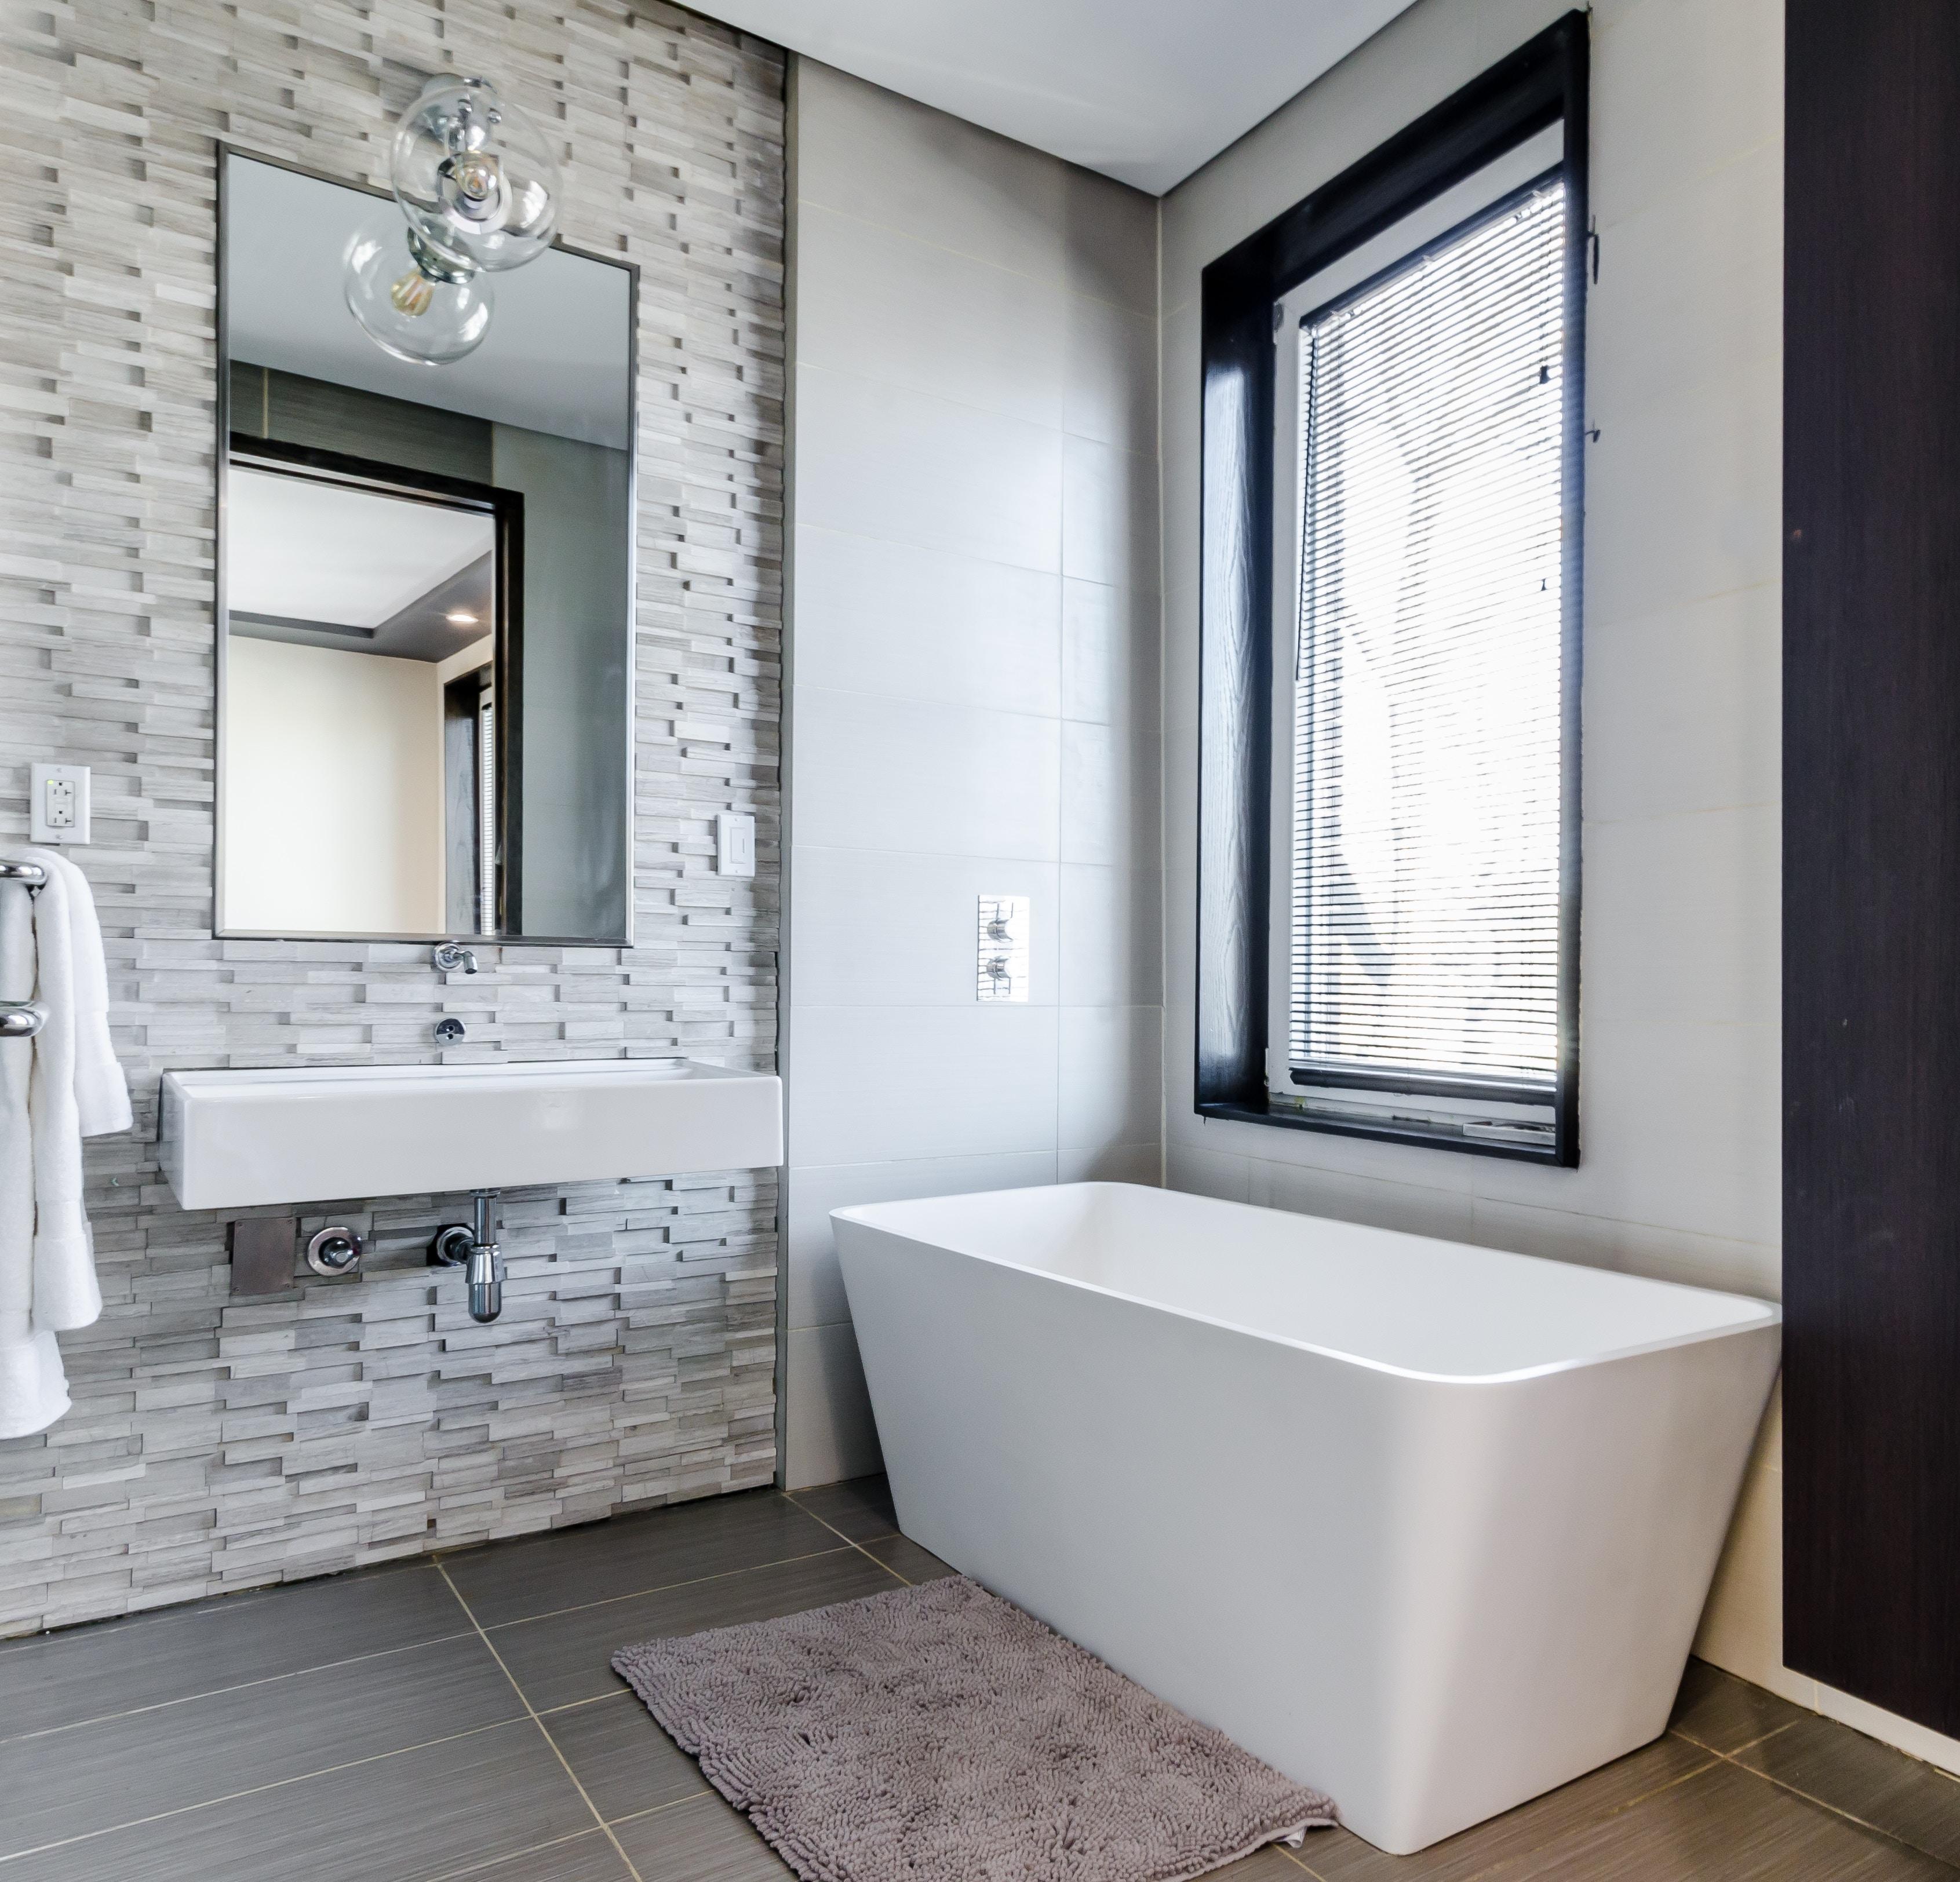 Maling af badekar - når karbadet skal være en ren fornøjelse